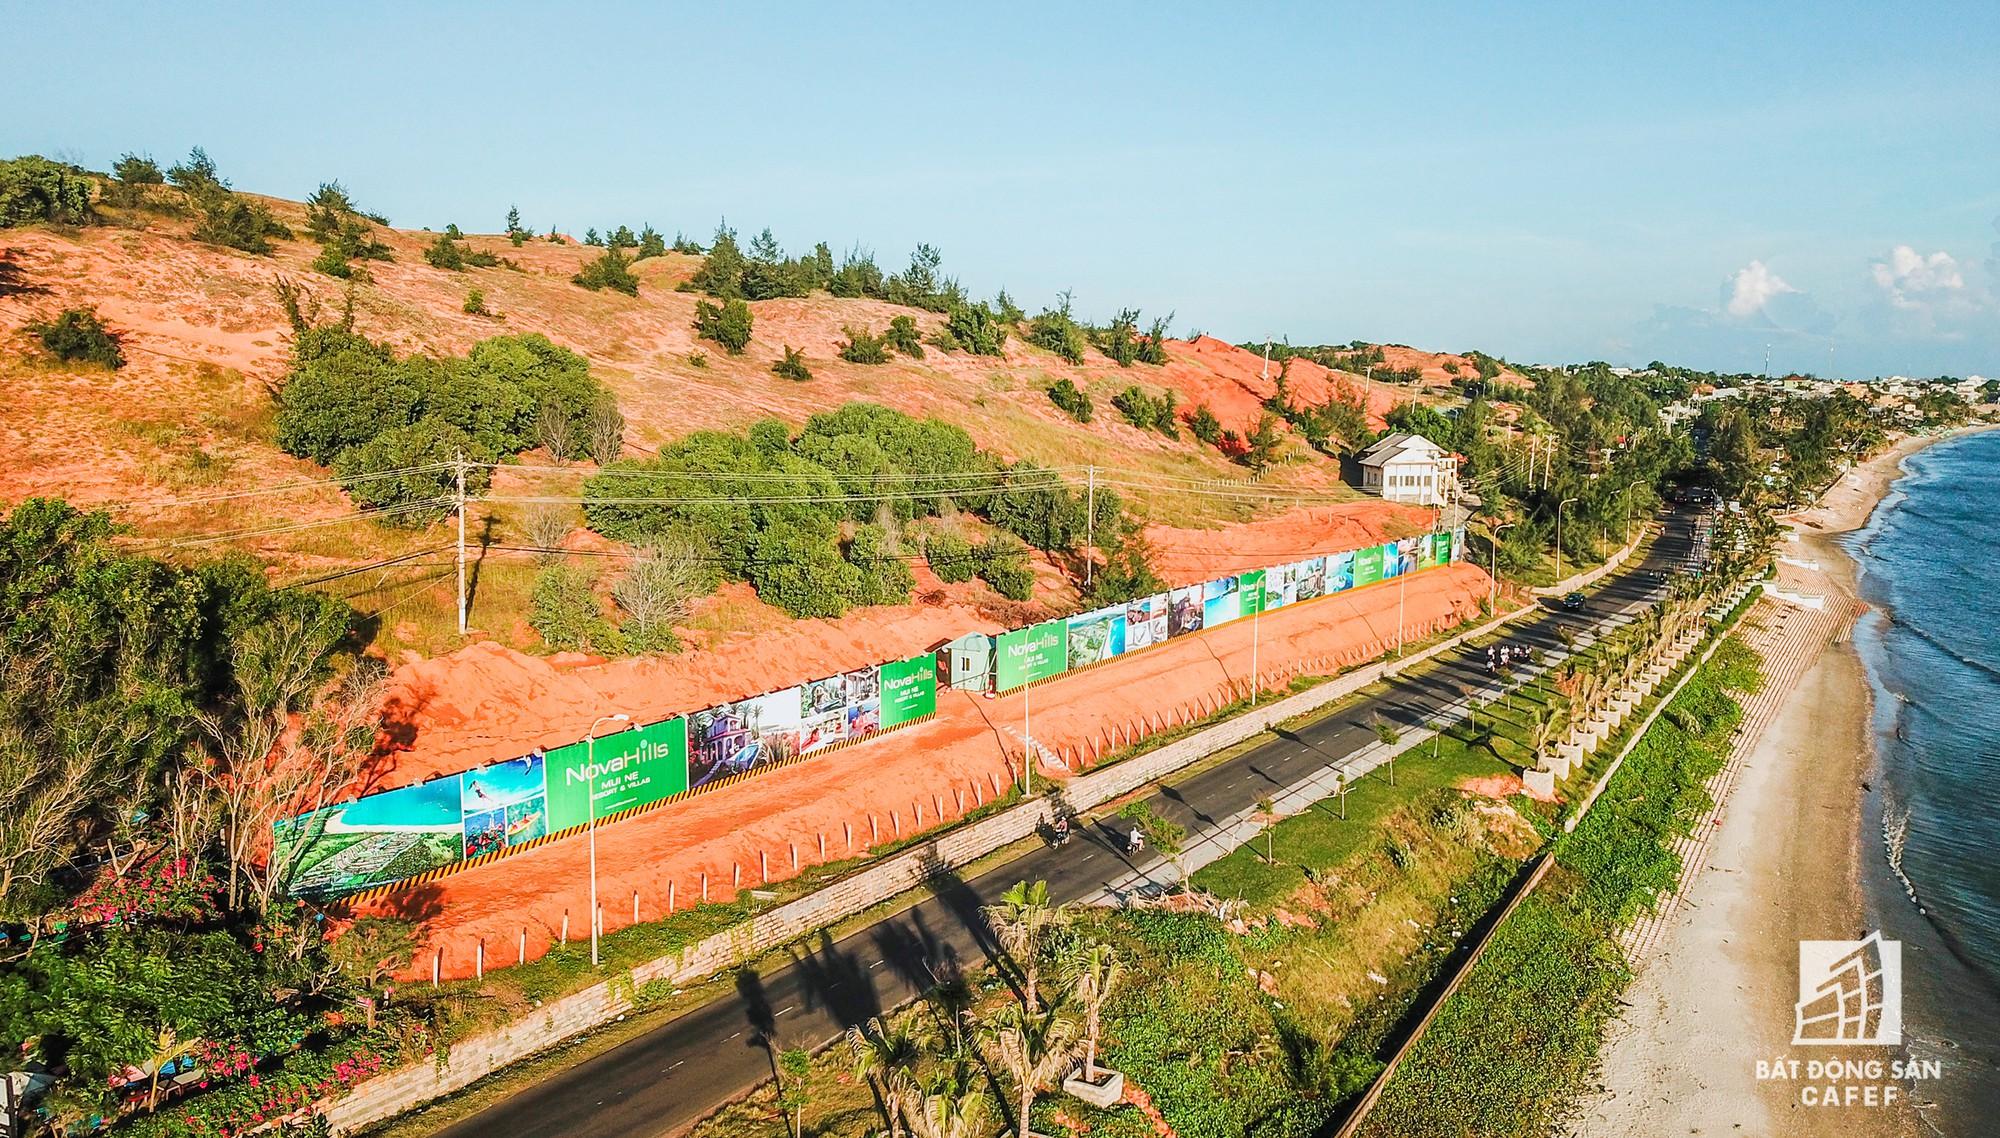 Toàn cảnh tiến độ các dự án của Novaland năm 2019 tại TP.HCM, Vũng Tàu, Phan Thiết và Cam Ranh - Ảnh 23.